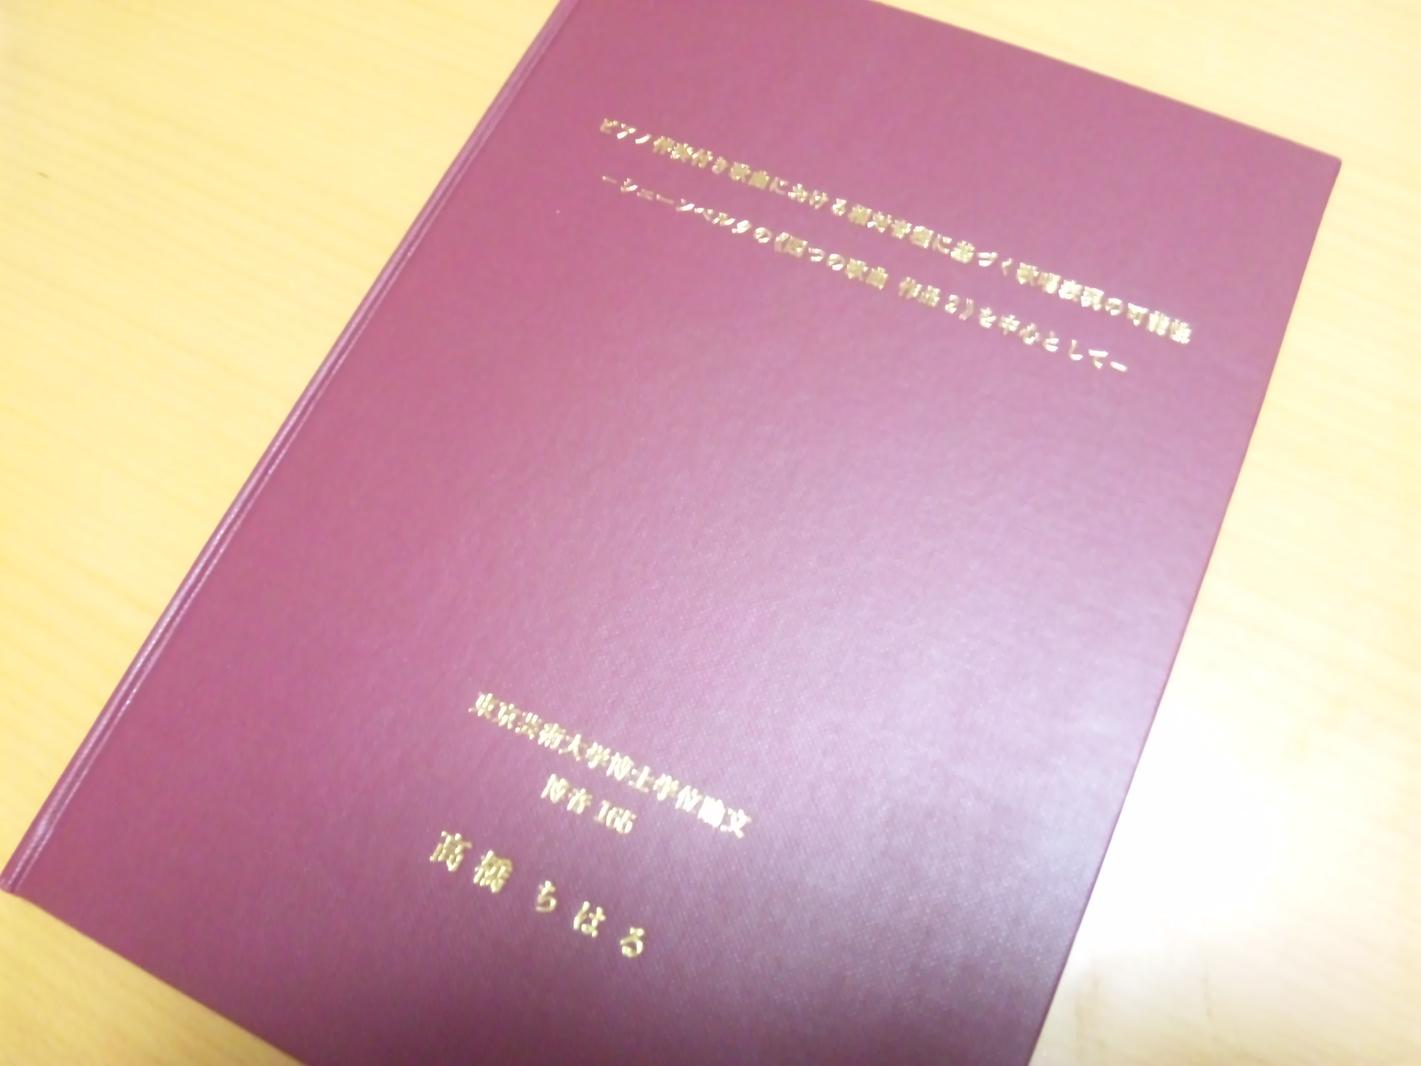 f0232910_19263961.jpg